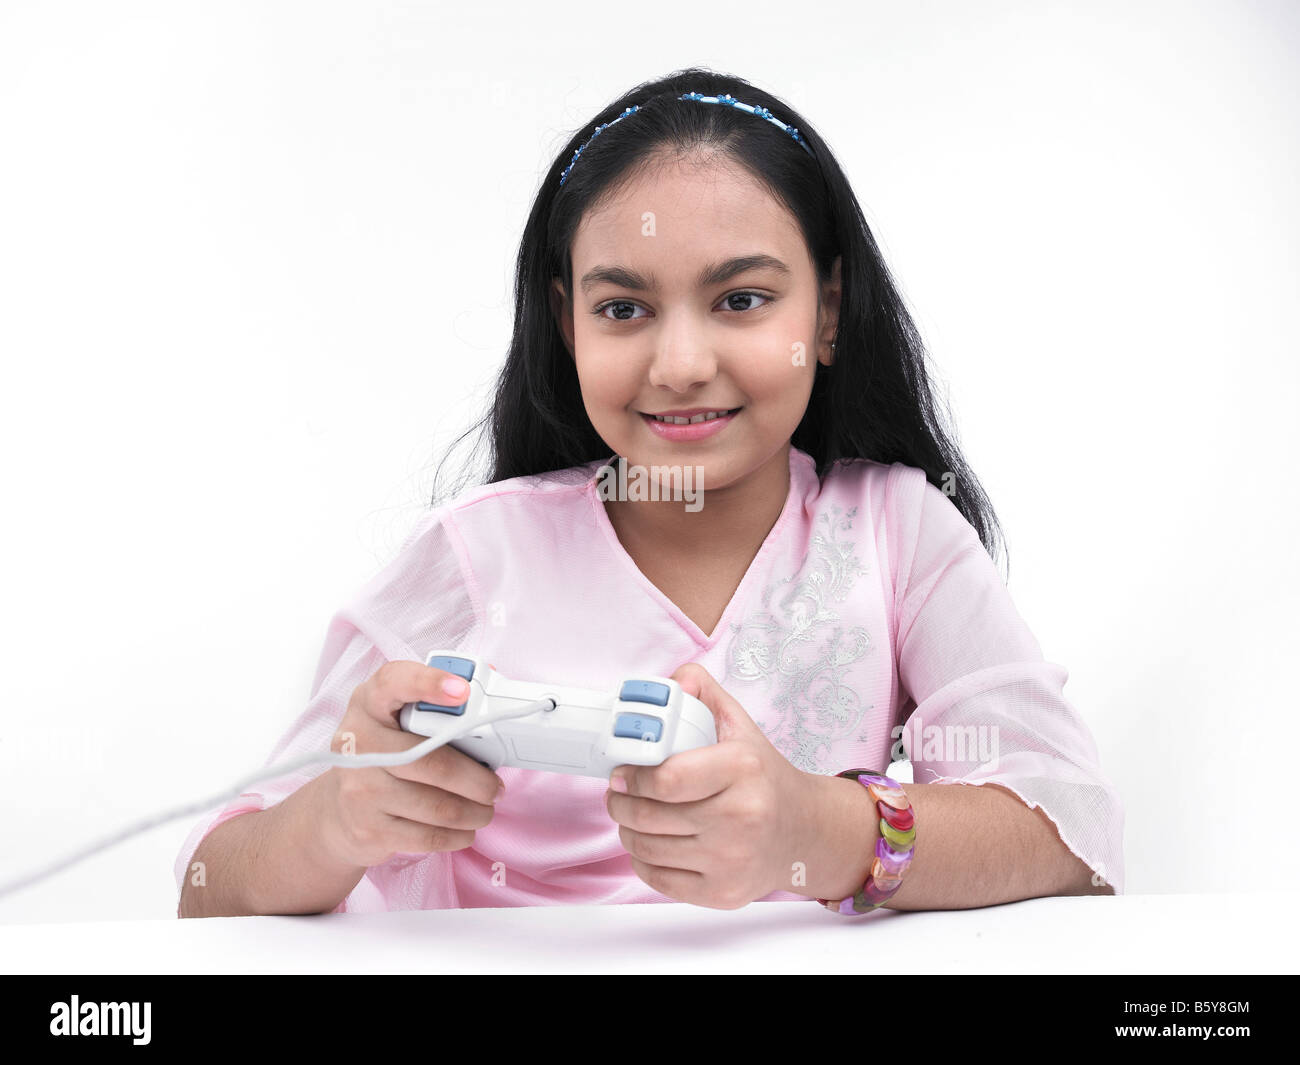 girl Indian asian teen